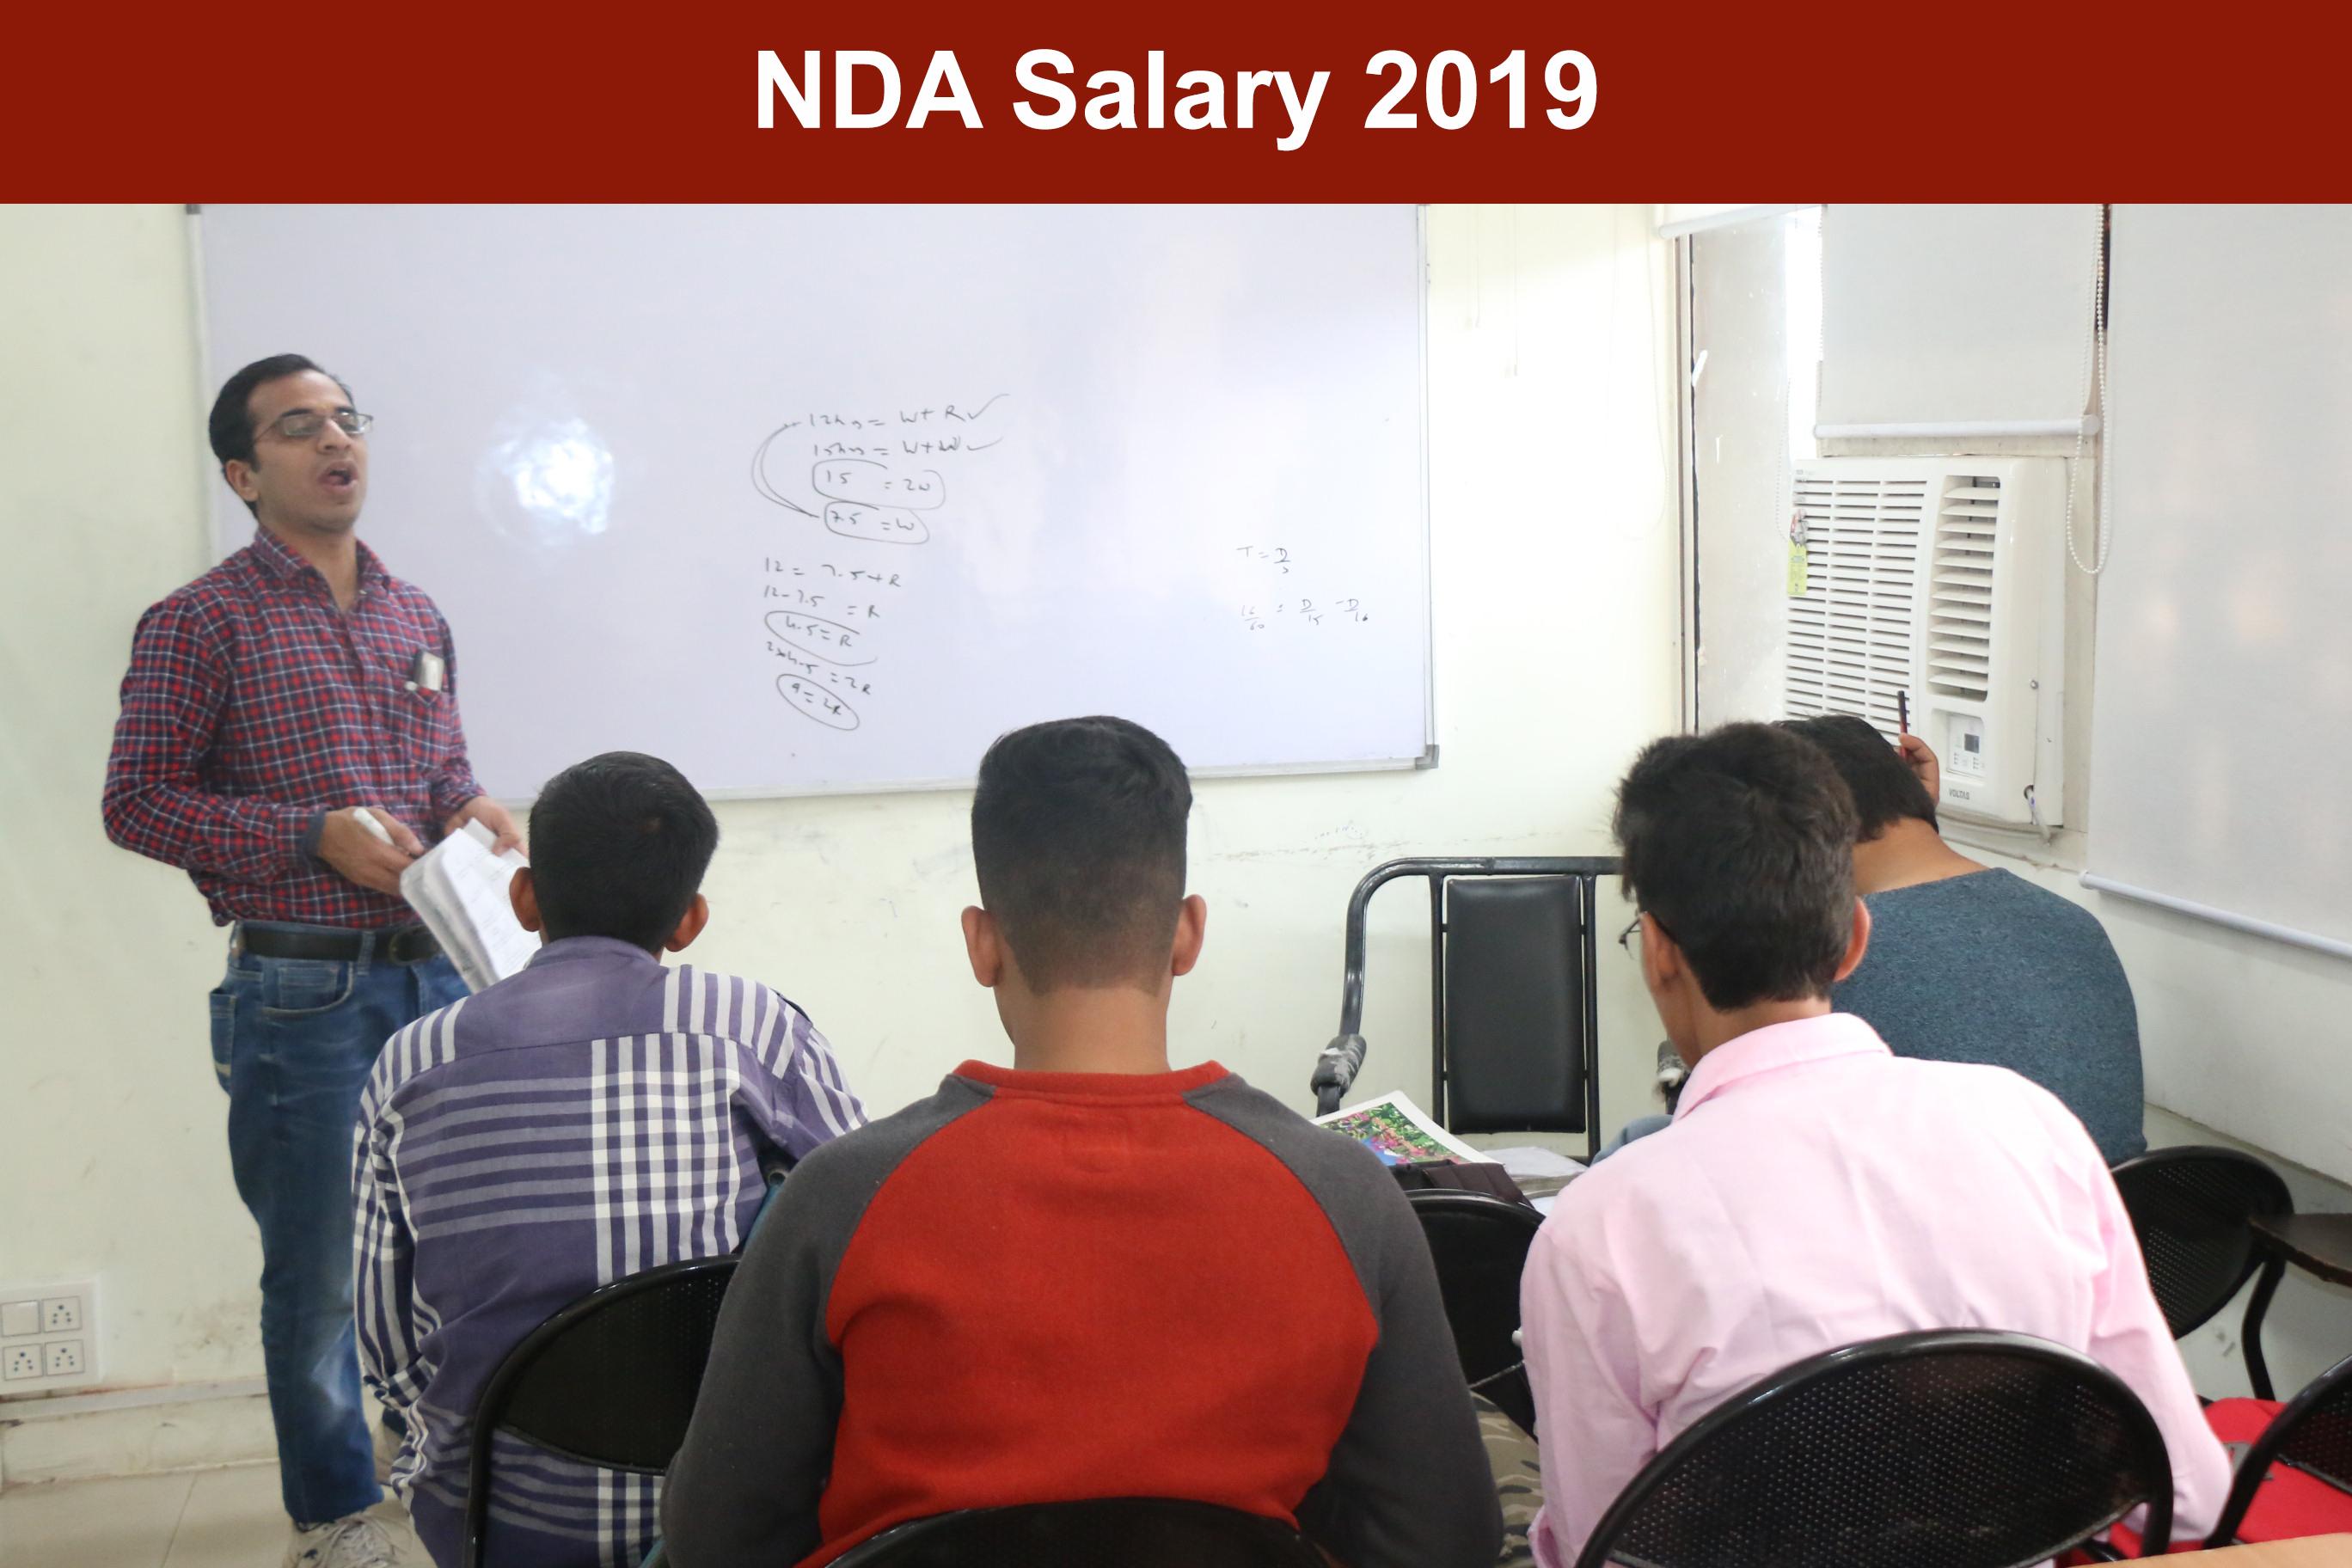 NDA Salary 2019